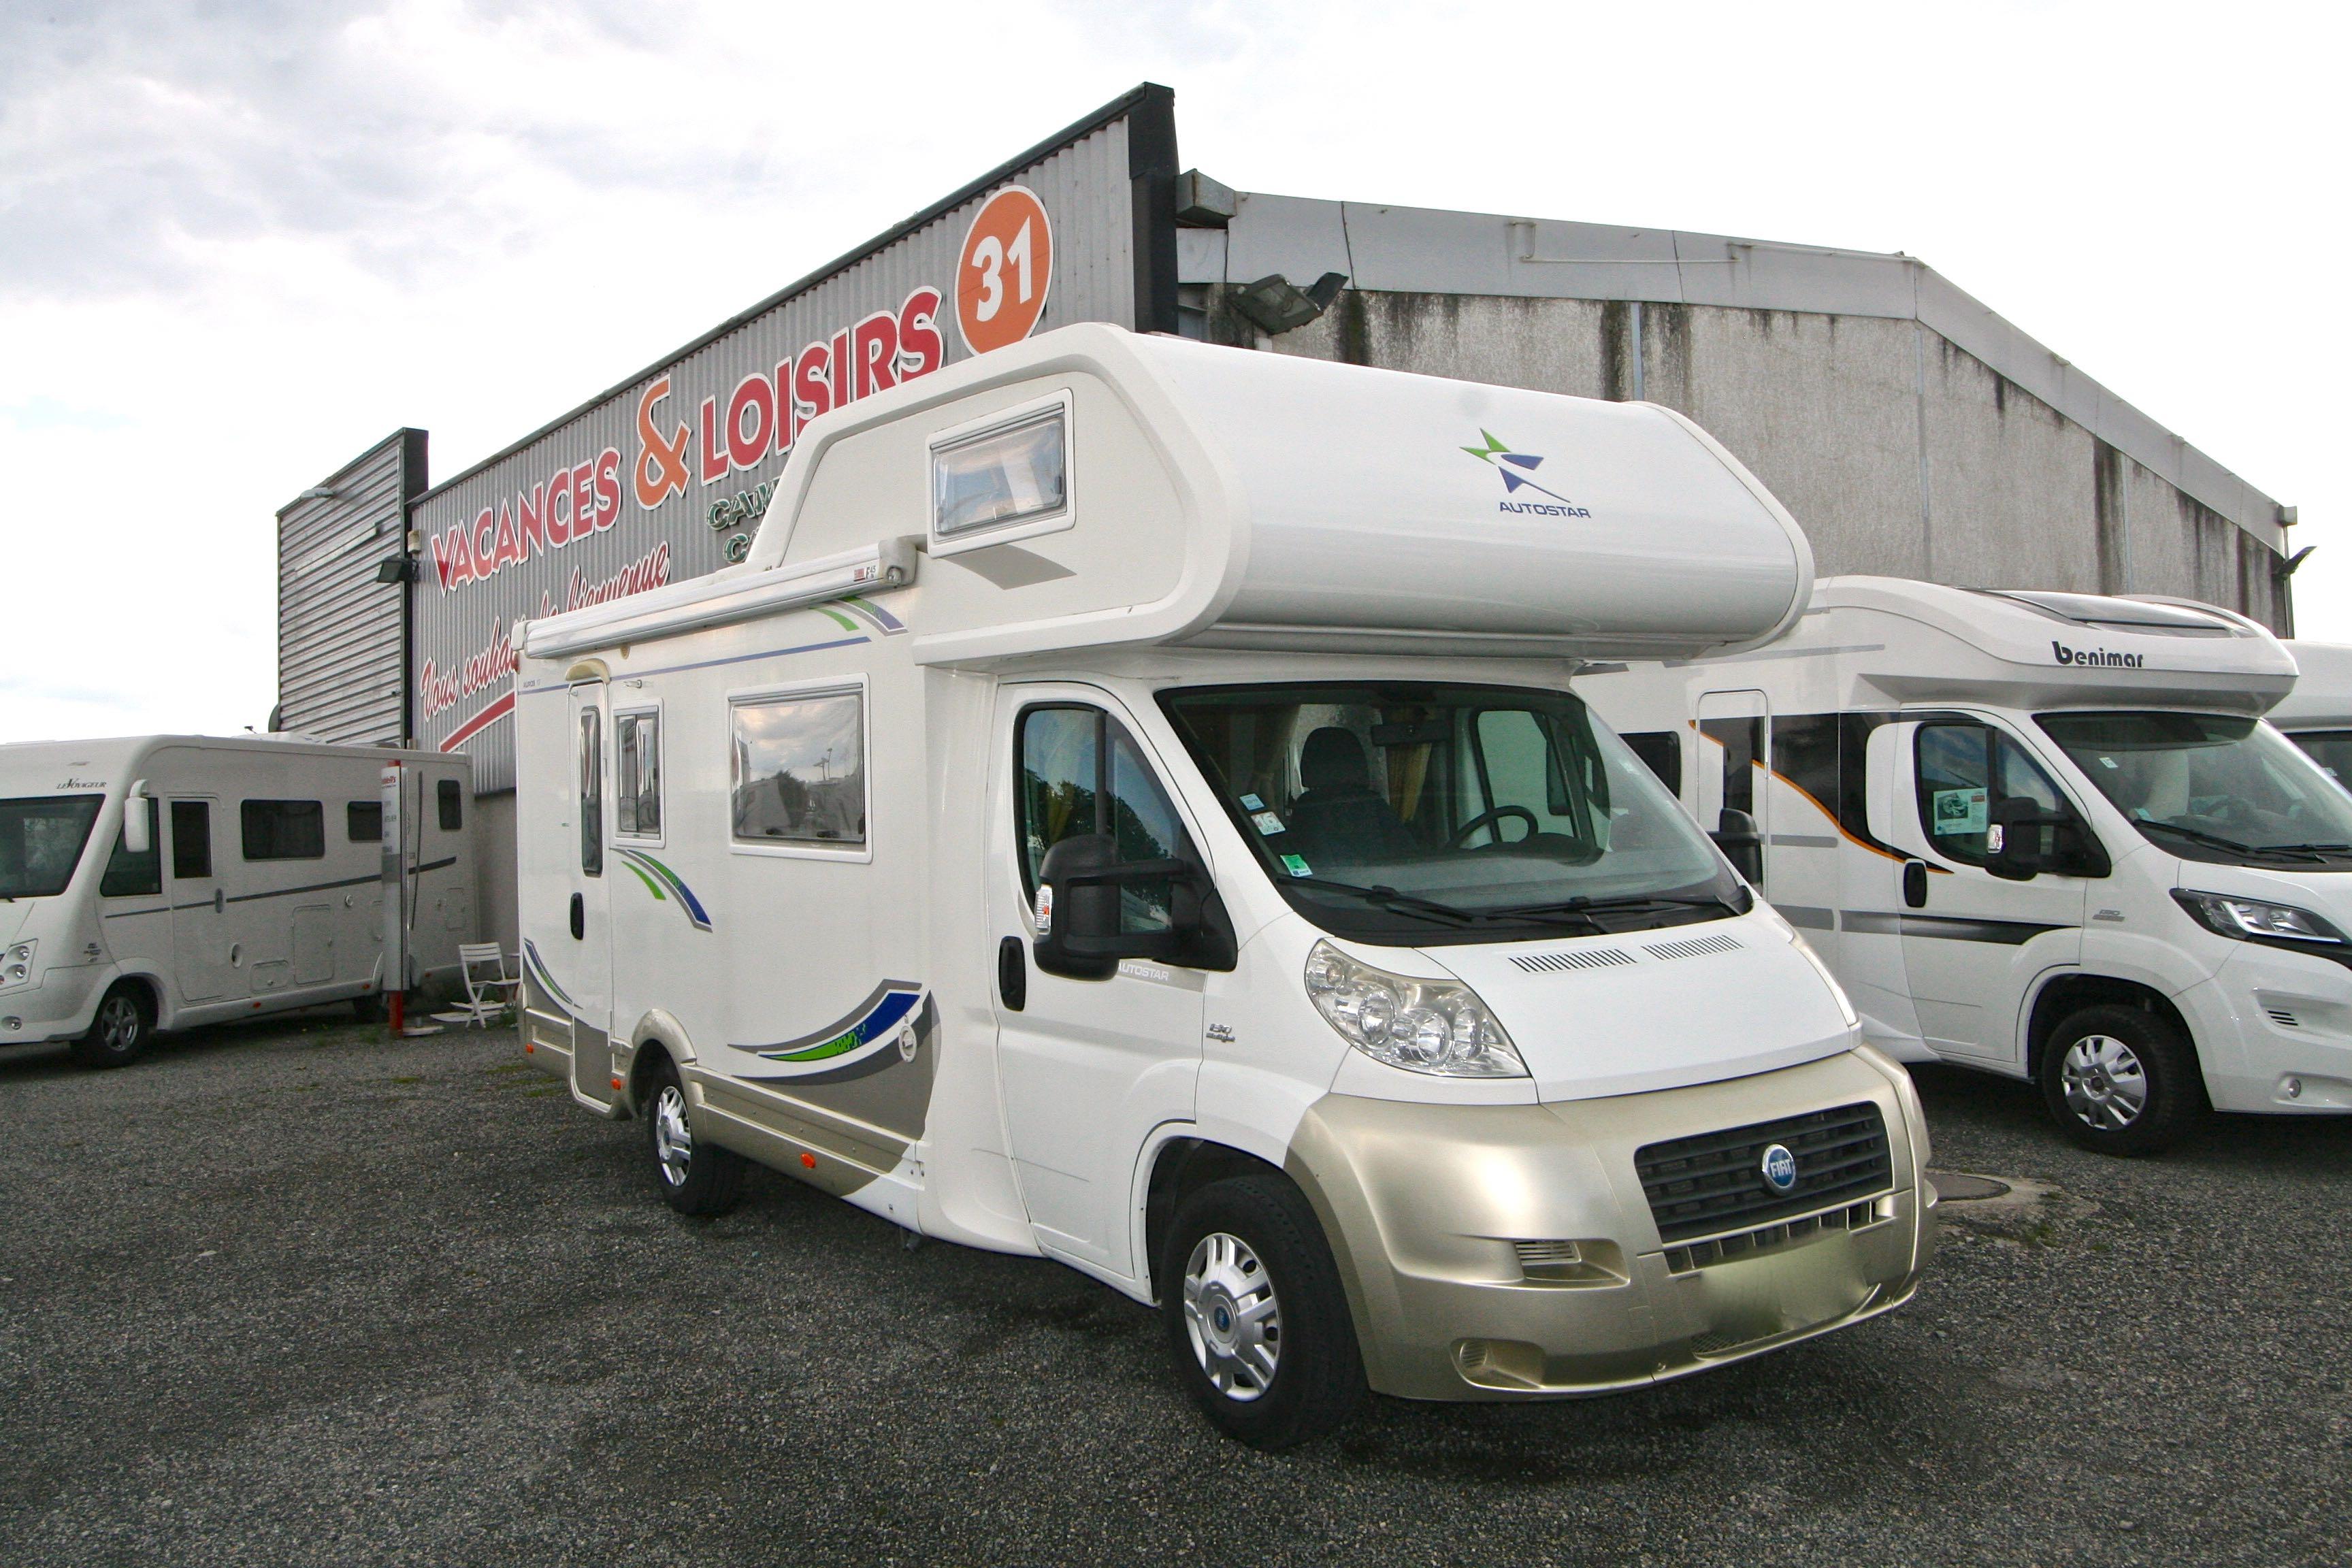 autostar auros 17 occasion de 2007 fiat camping car en vente roques sur garonne haute. Black Bedroom Furniture Sets. Home Design Ideas